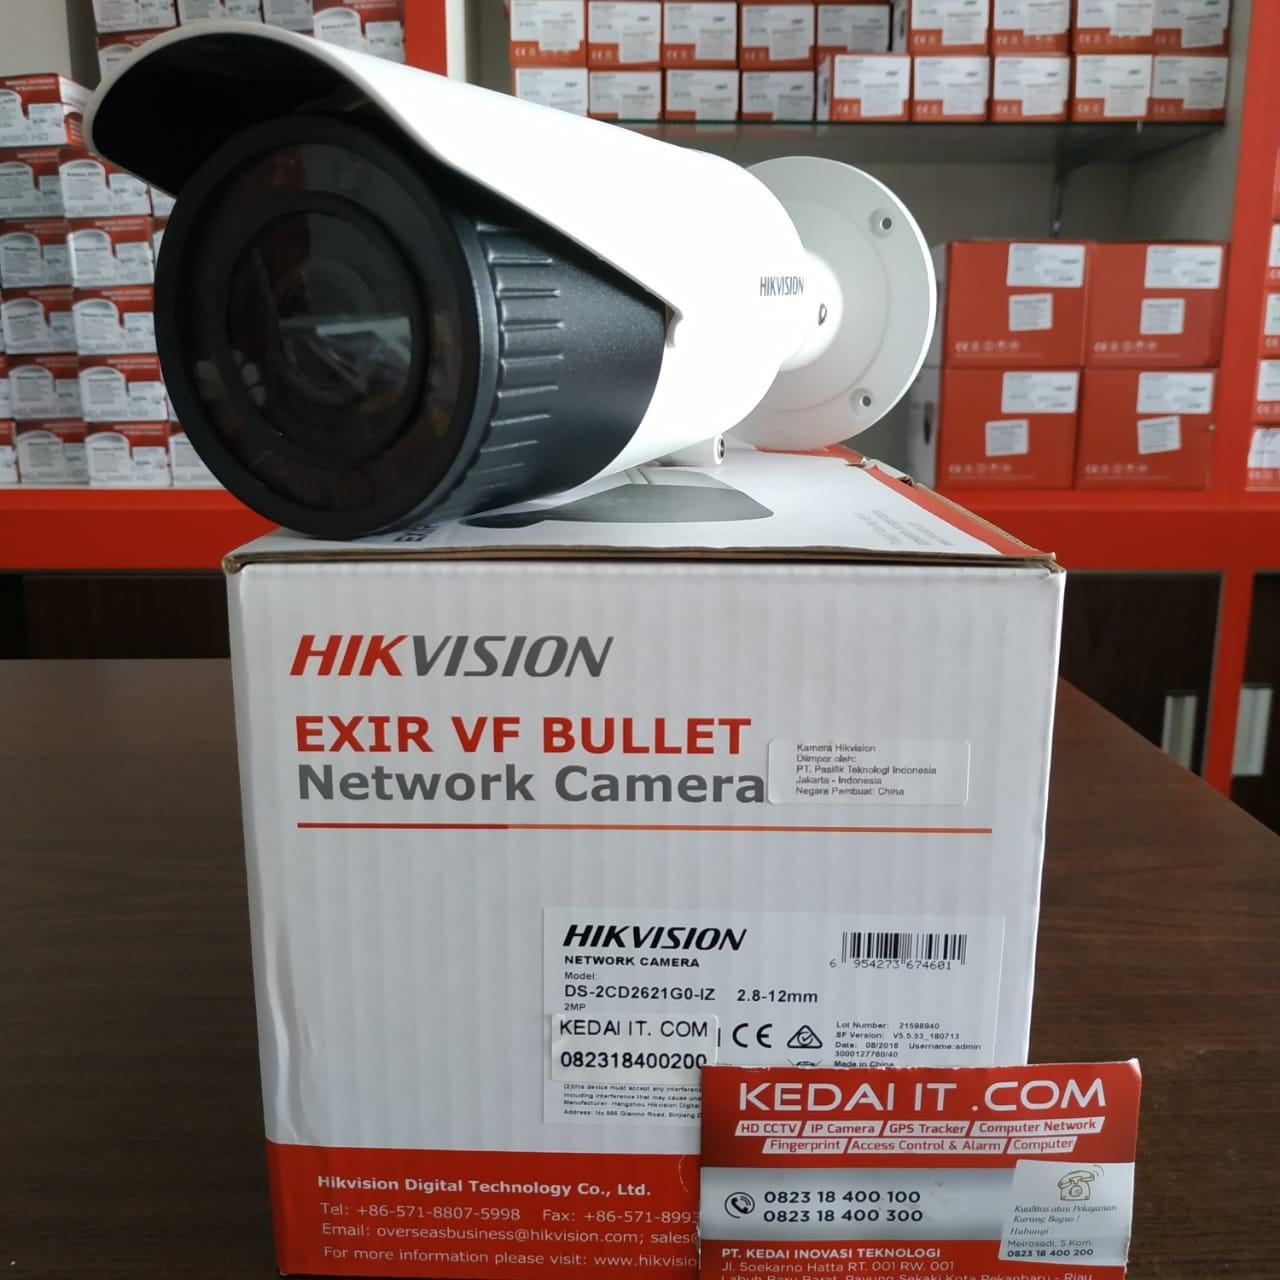 Jual HIKVISION CAMERA DS-2CD2621G0-IZ di pekanbaru